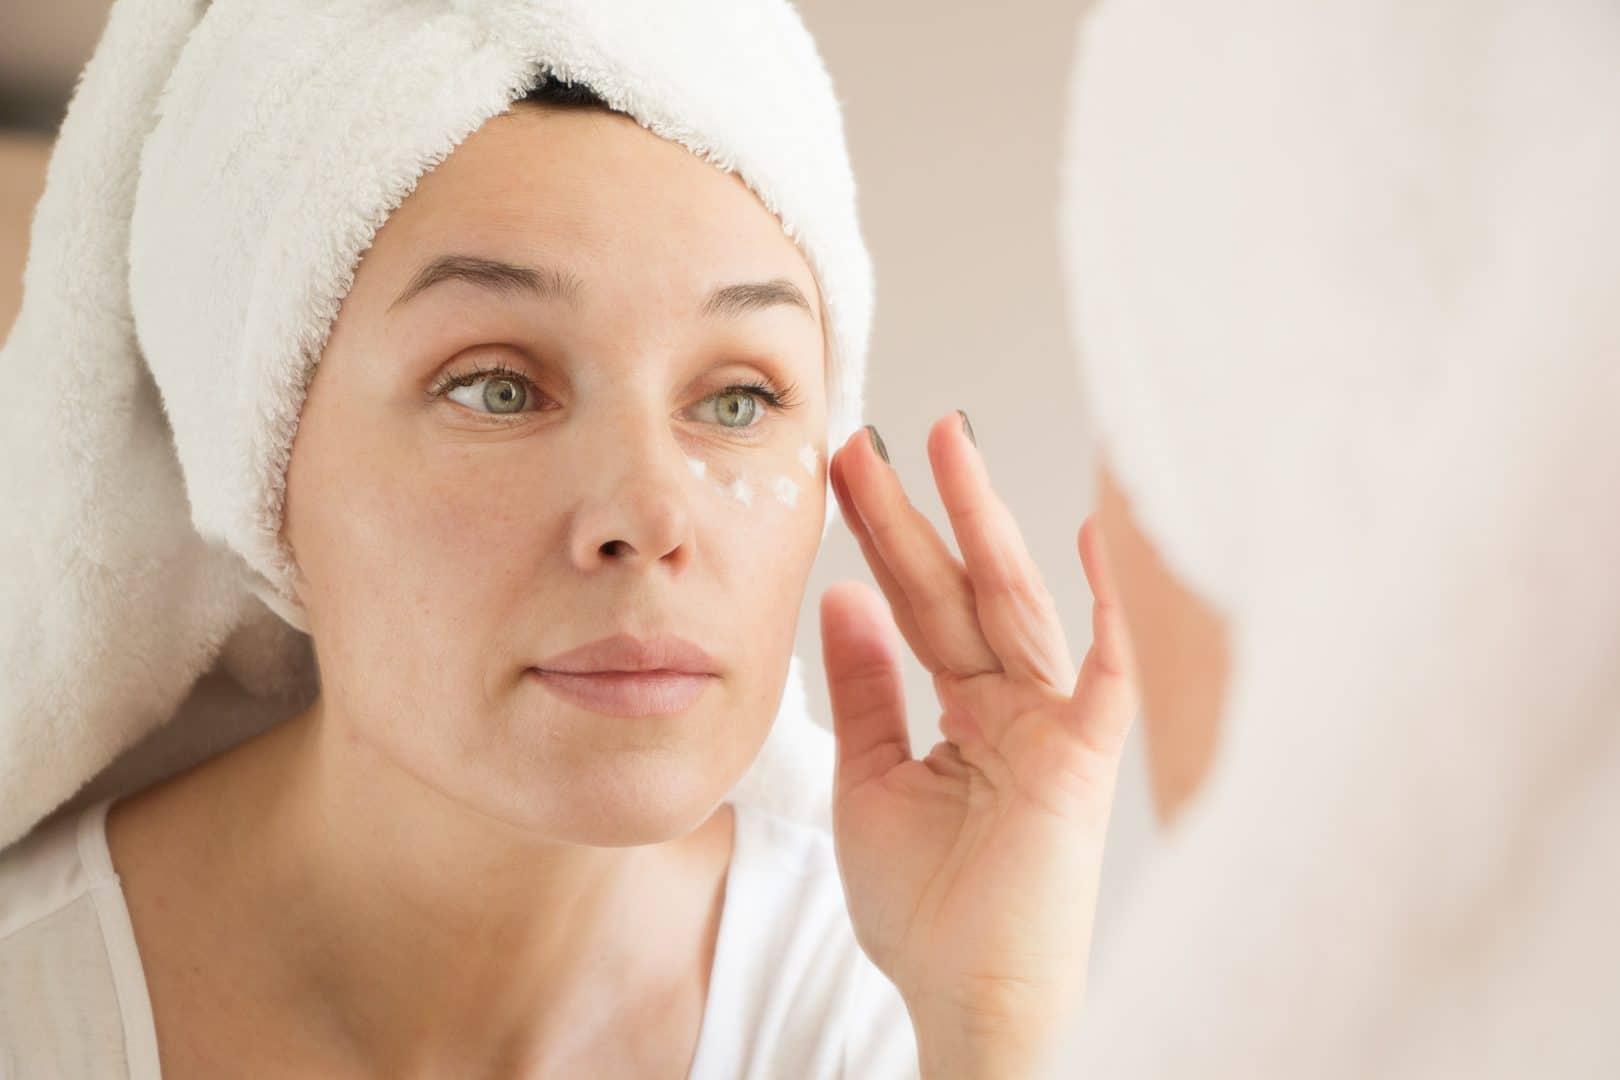 hudpleje til ældre hud